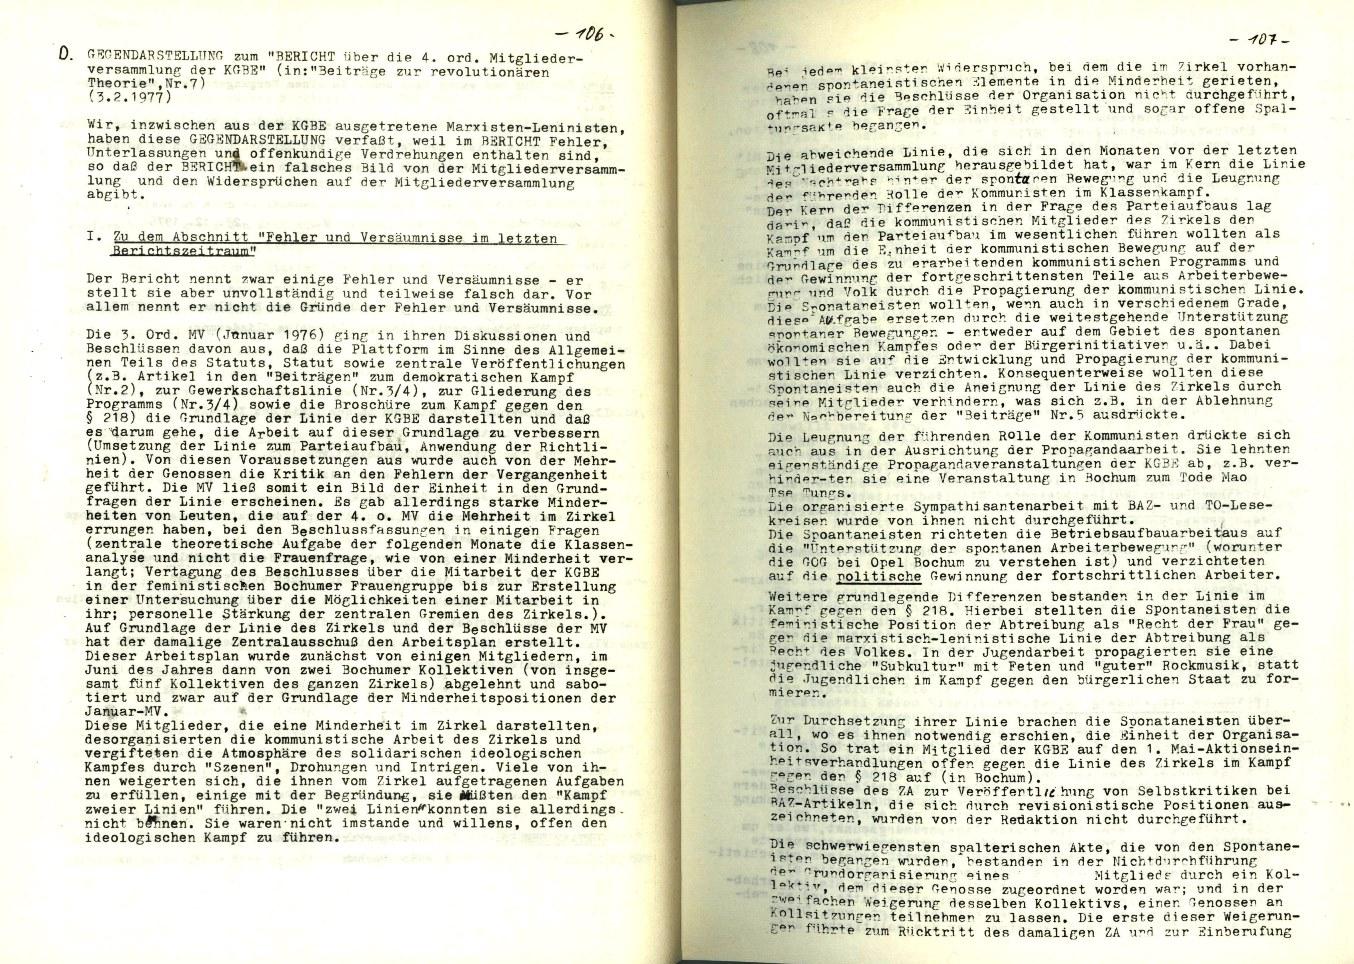 KGBE_Ehemalige_1977_Kritik_an_der_KGBE_57